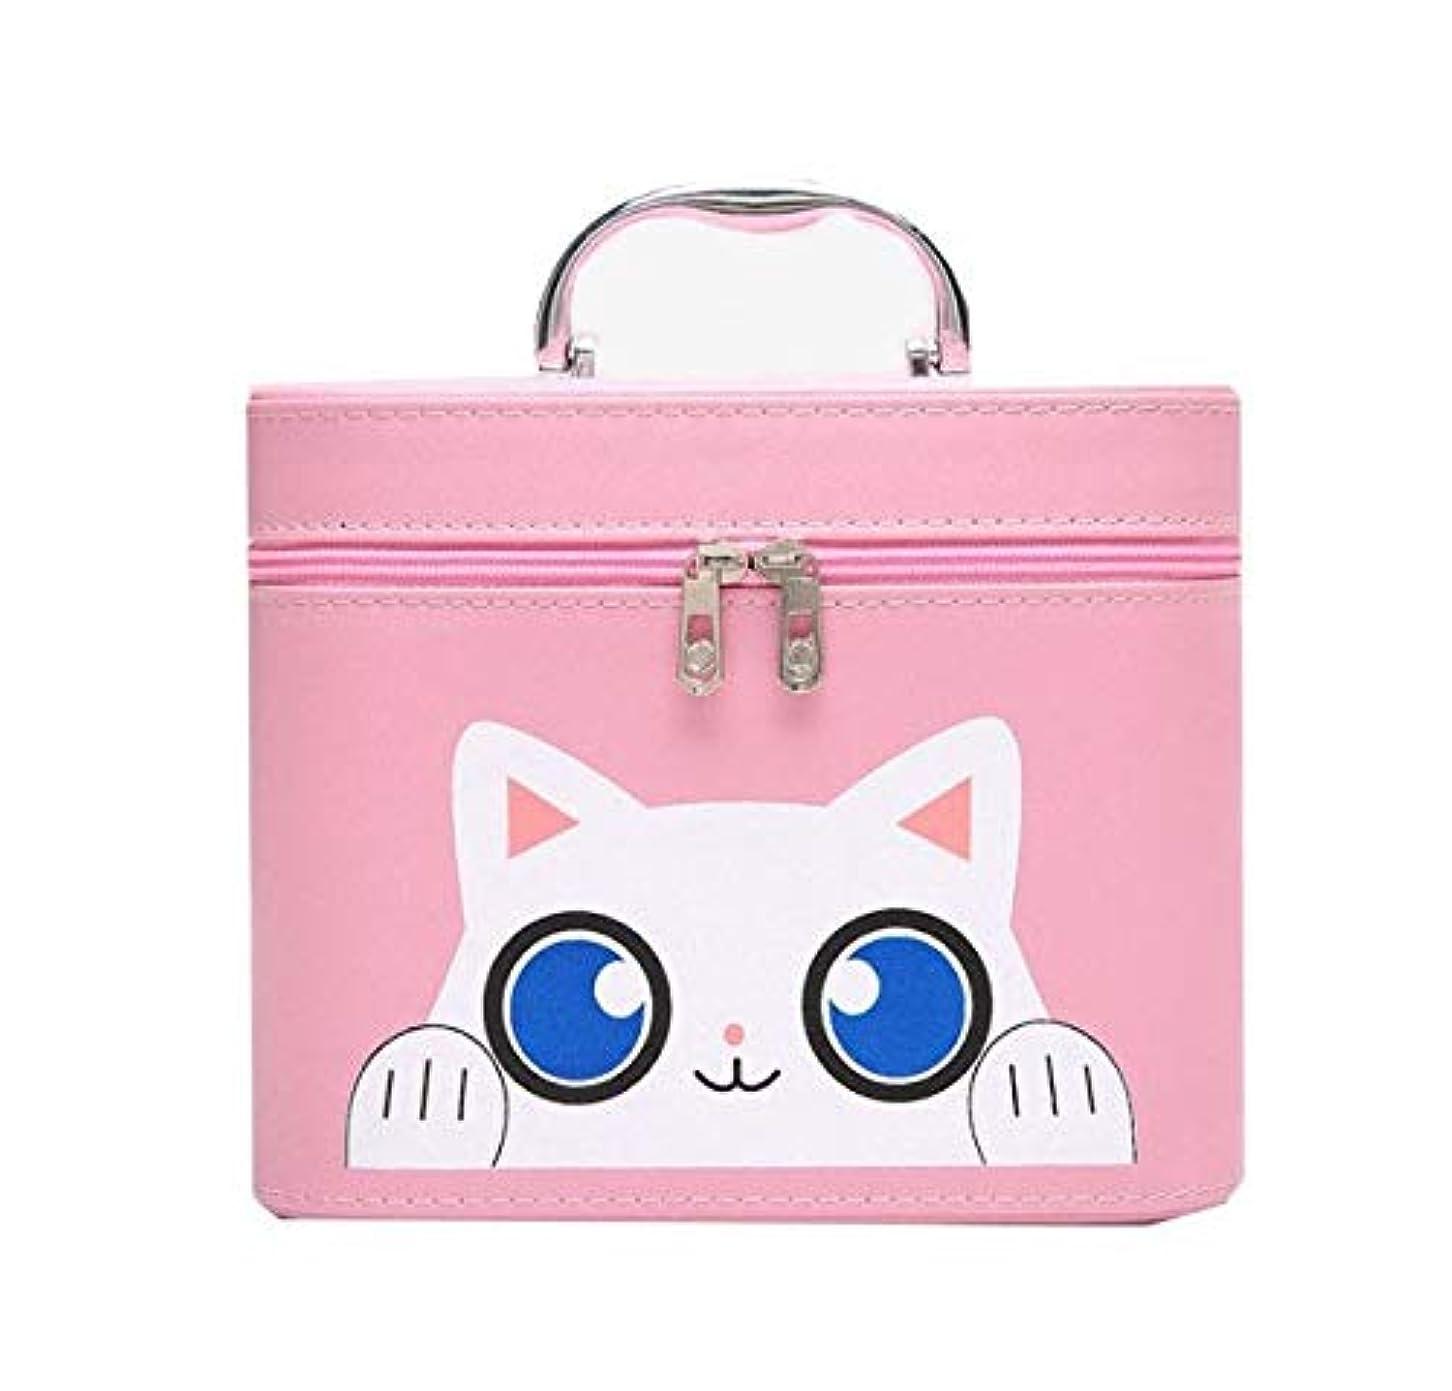 遺産症候群予言する化粧箱、大容量漫画猫化粧品ケース、ポータブル旅行化粧品ケース、美容ネイルジュエリー収納ボックス (Size : S)